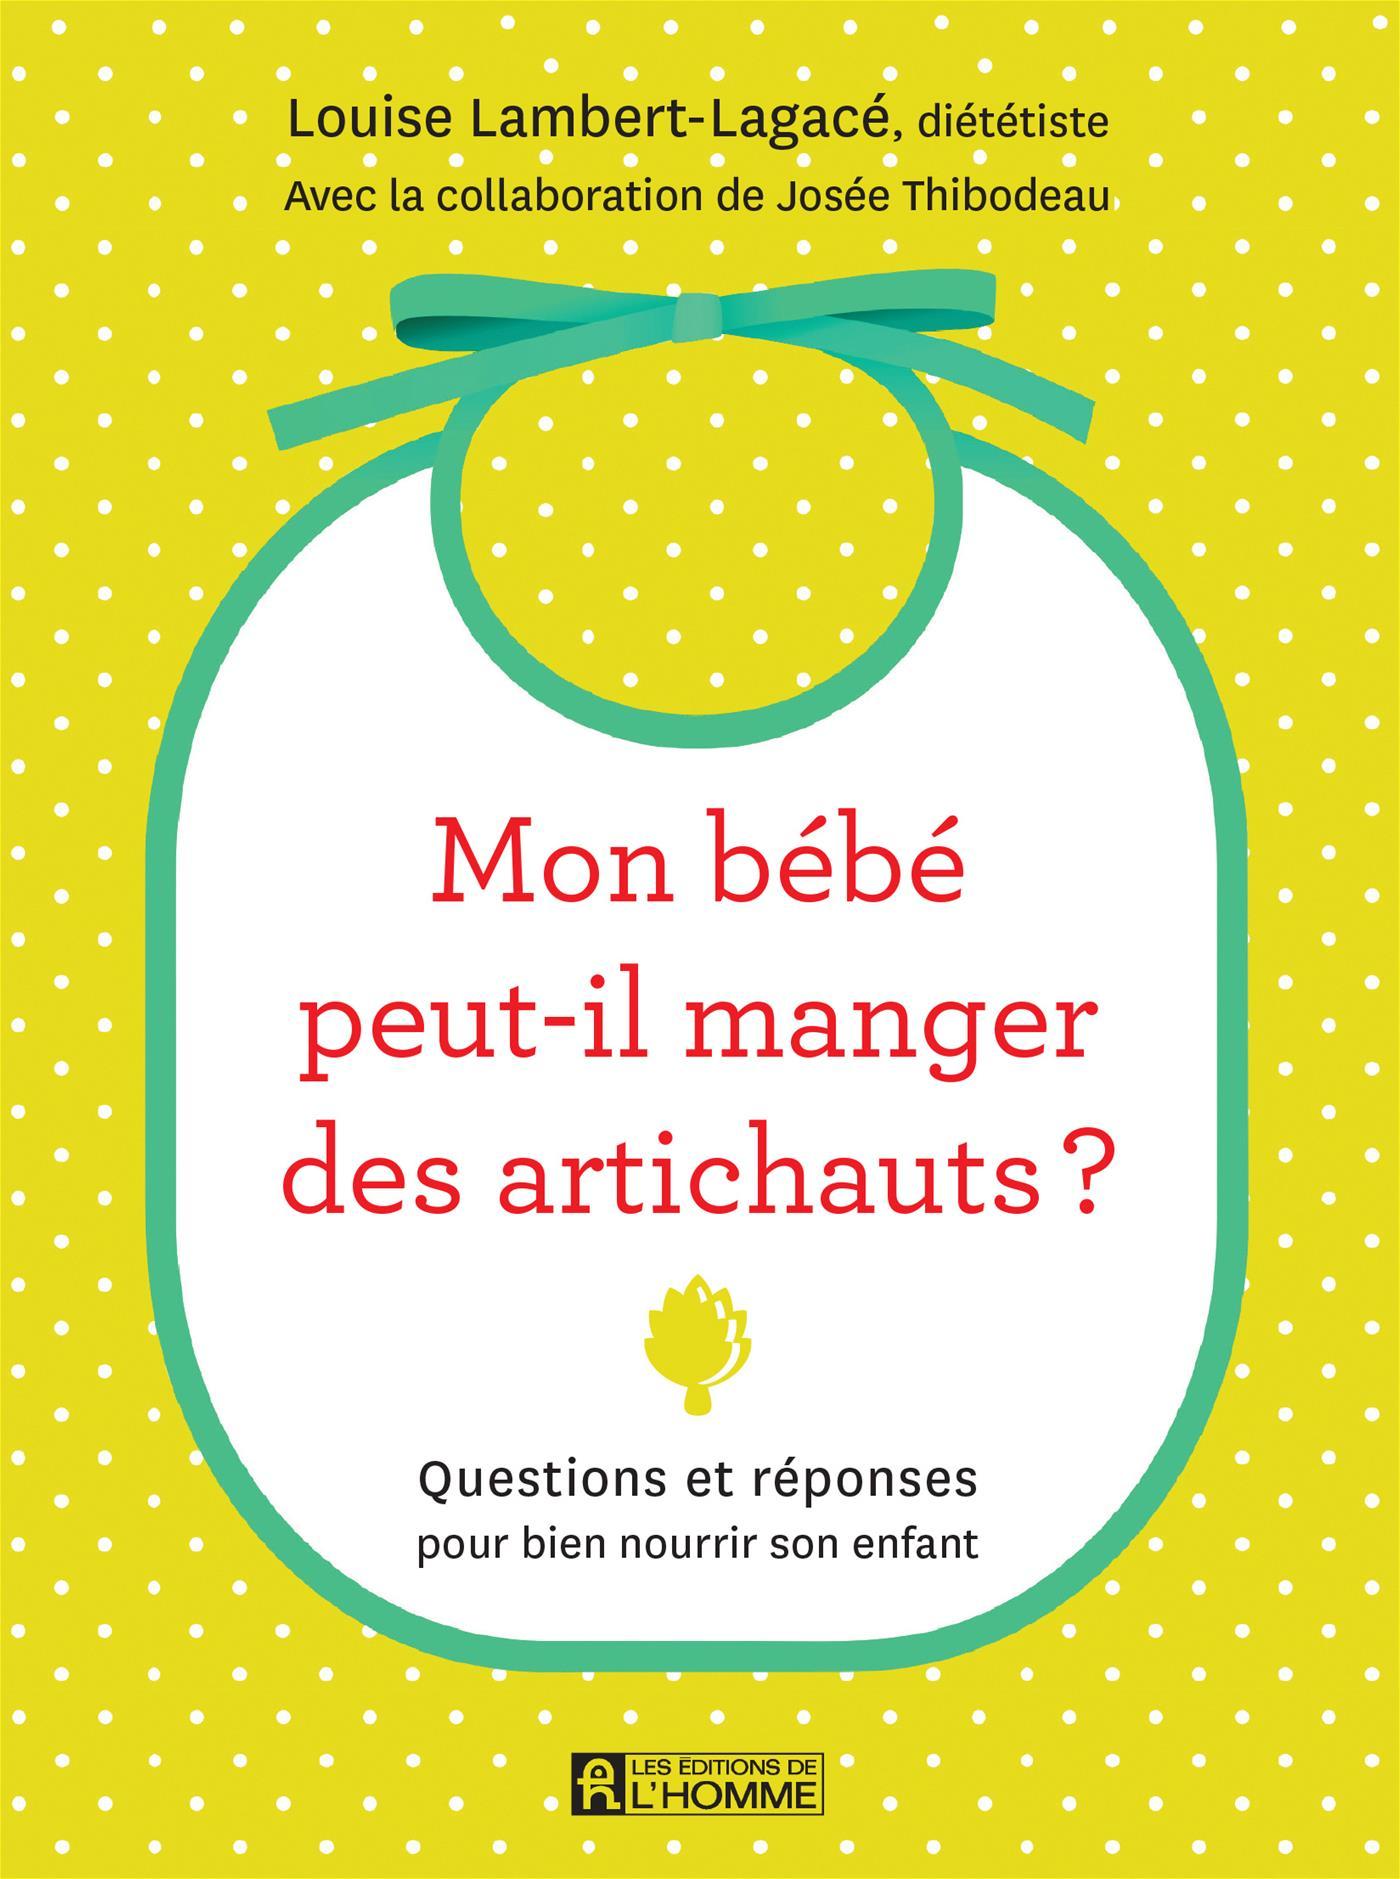 Mon bébé peut-il manger des artichauts?